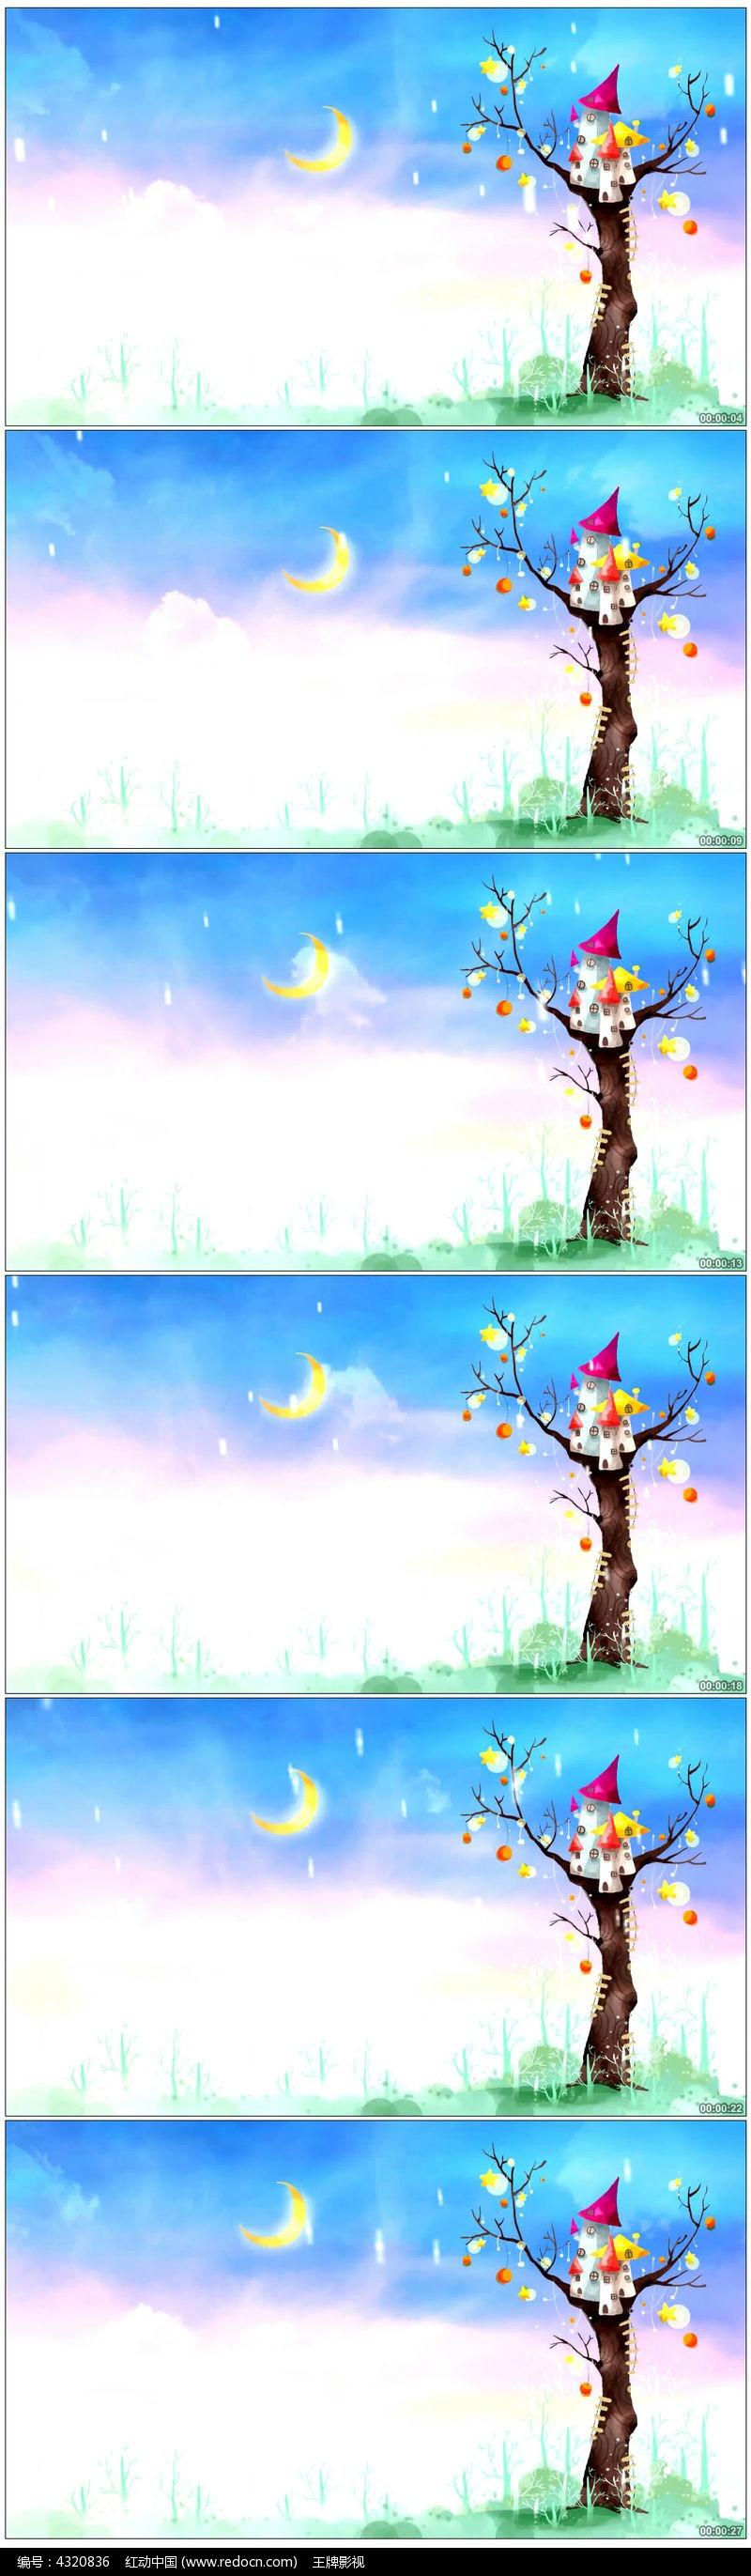 卡通儿童背景视频素材